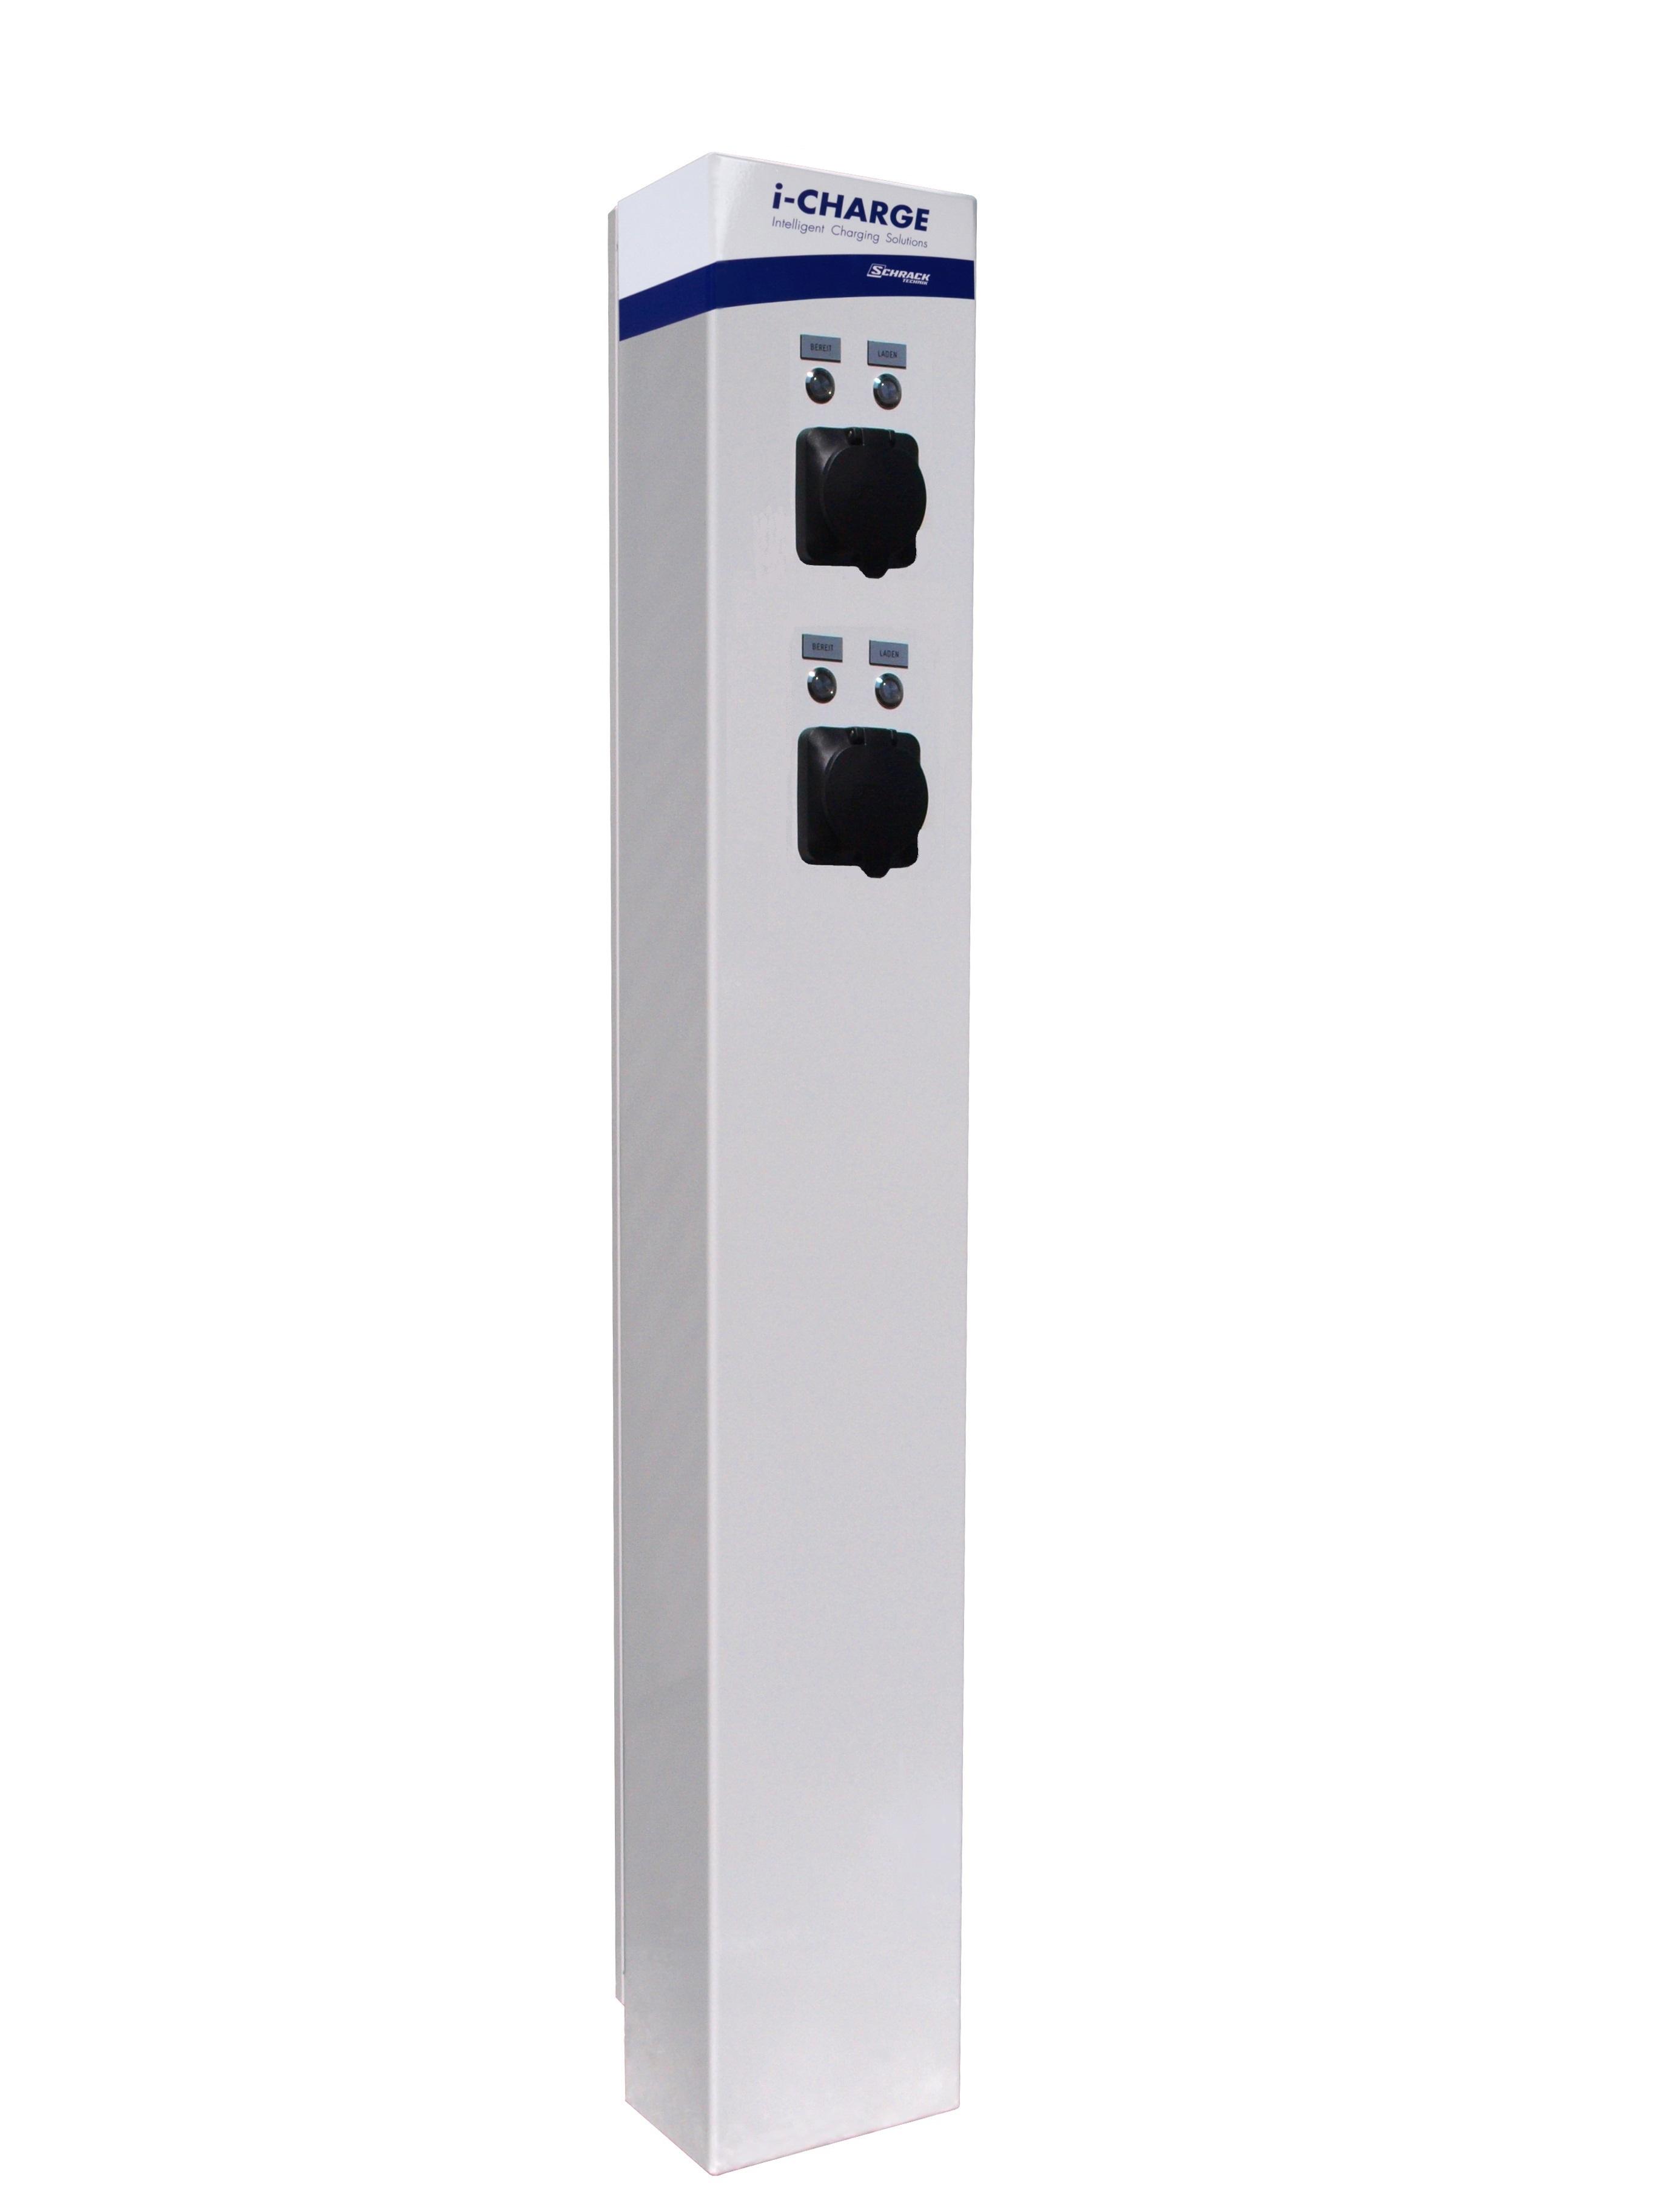 1 Stk i-CHARGE PUBLIC 200, 2x Typ2 11-22kW, Edelstahl mit LS, FI EMPUB029--